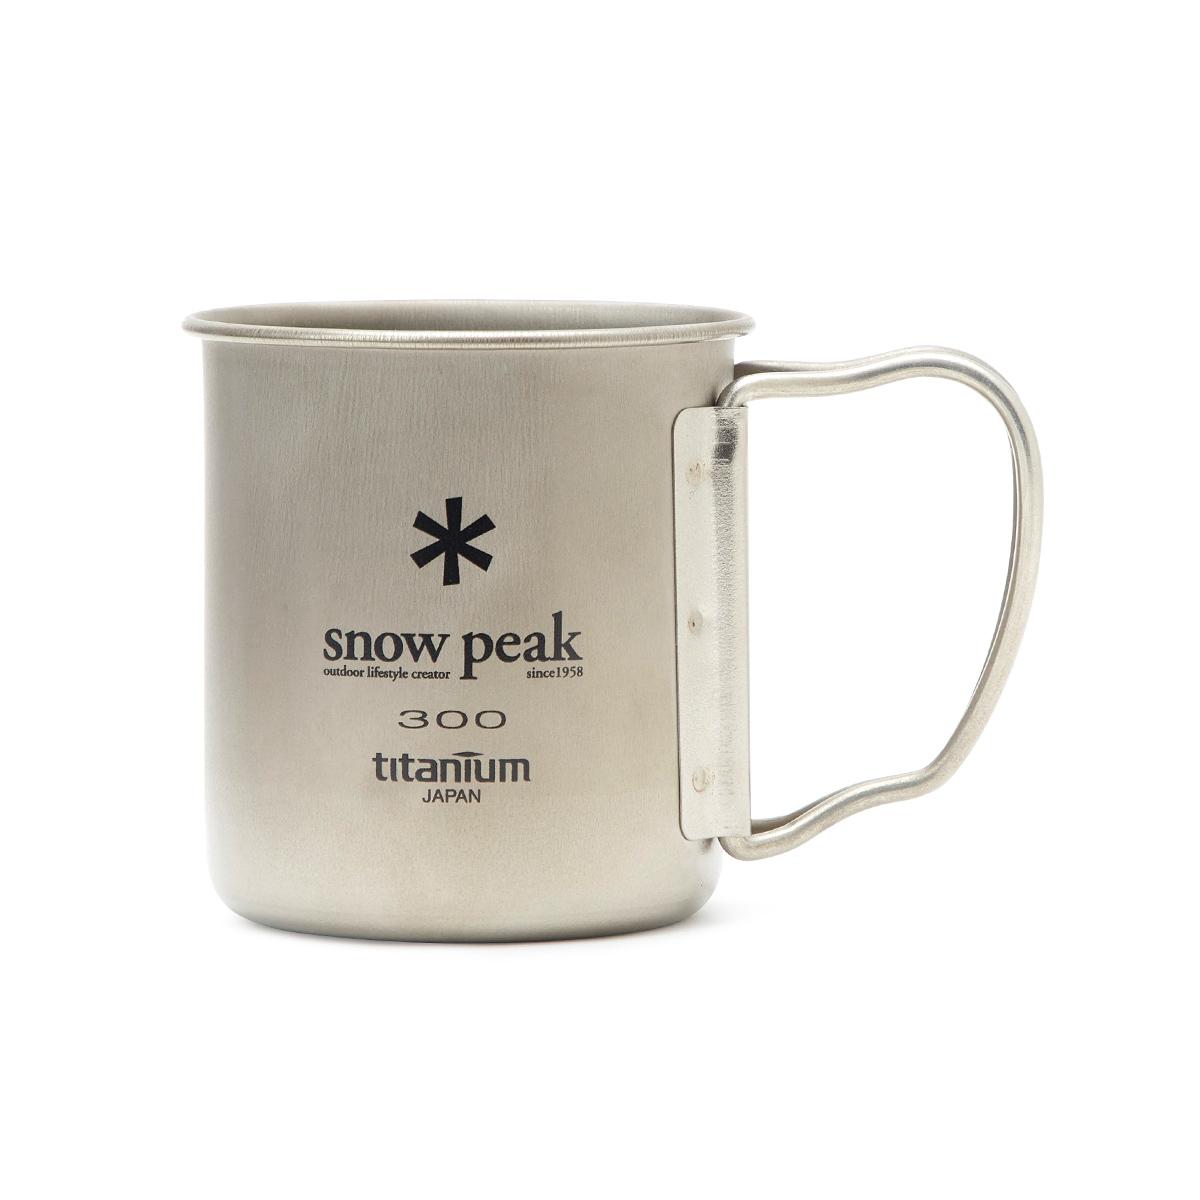 스노우피크 브라운&샐리 티타늄 캠핑 머그컵 300ml